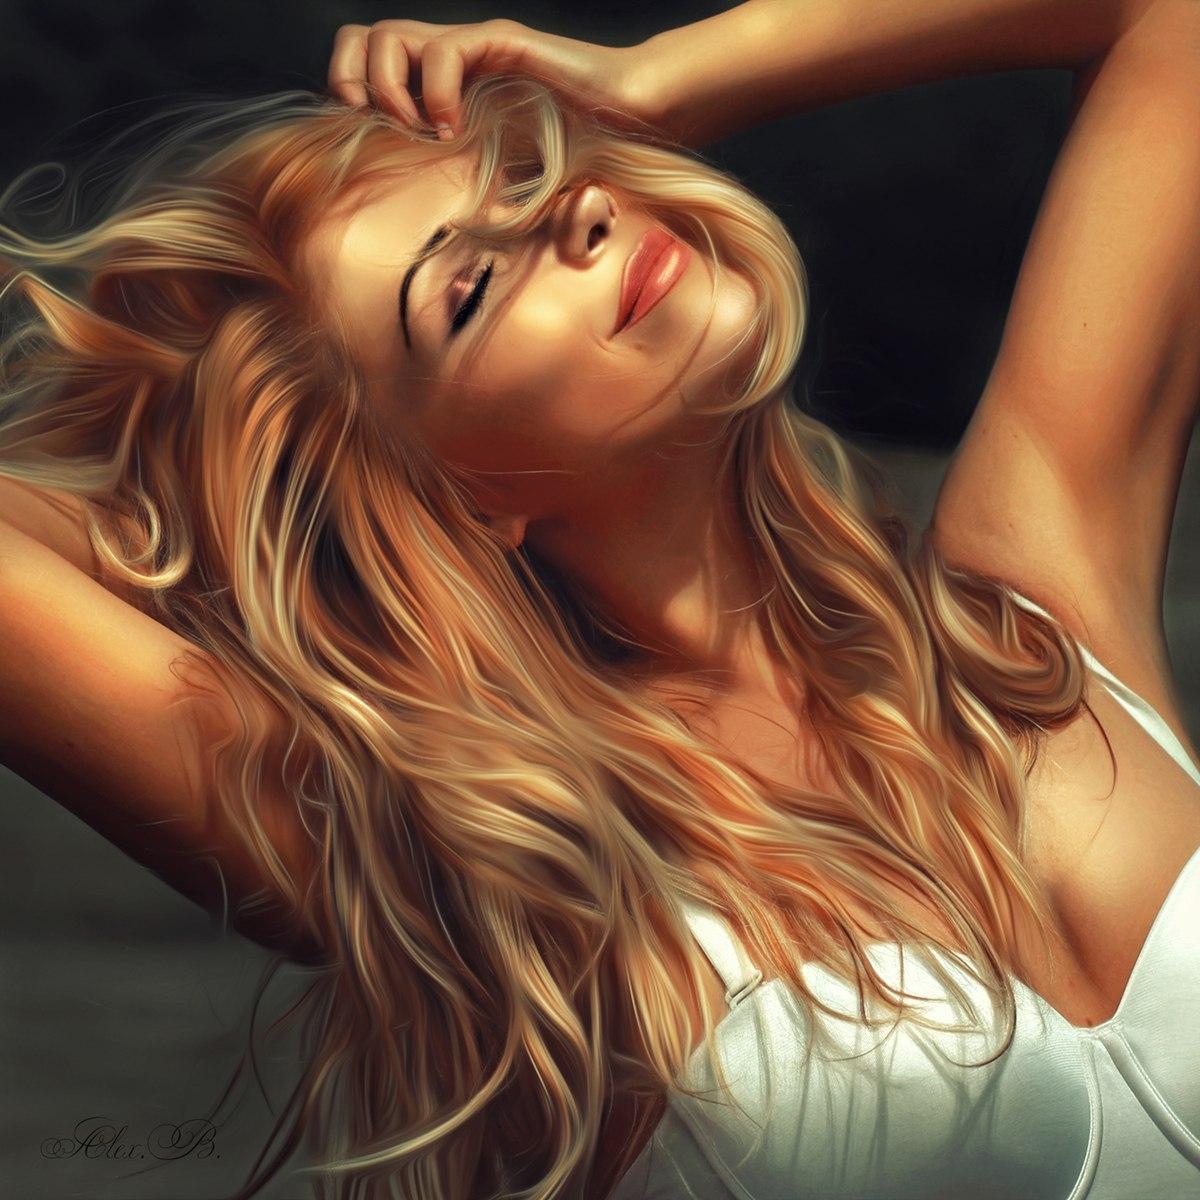 Жест женщина попровляет волосы секс